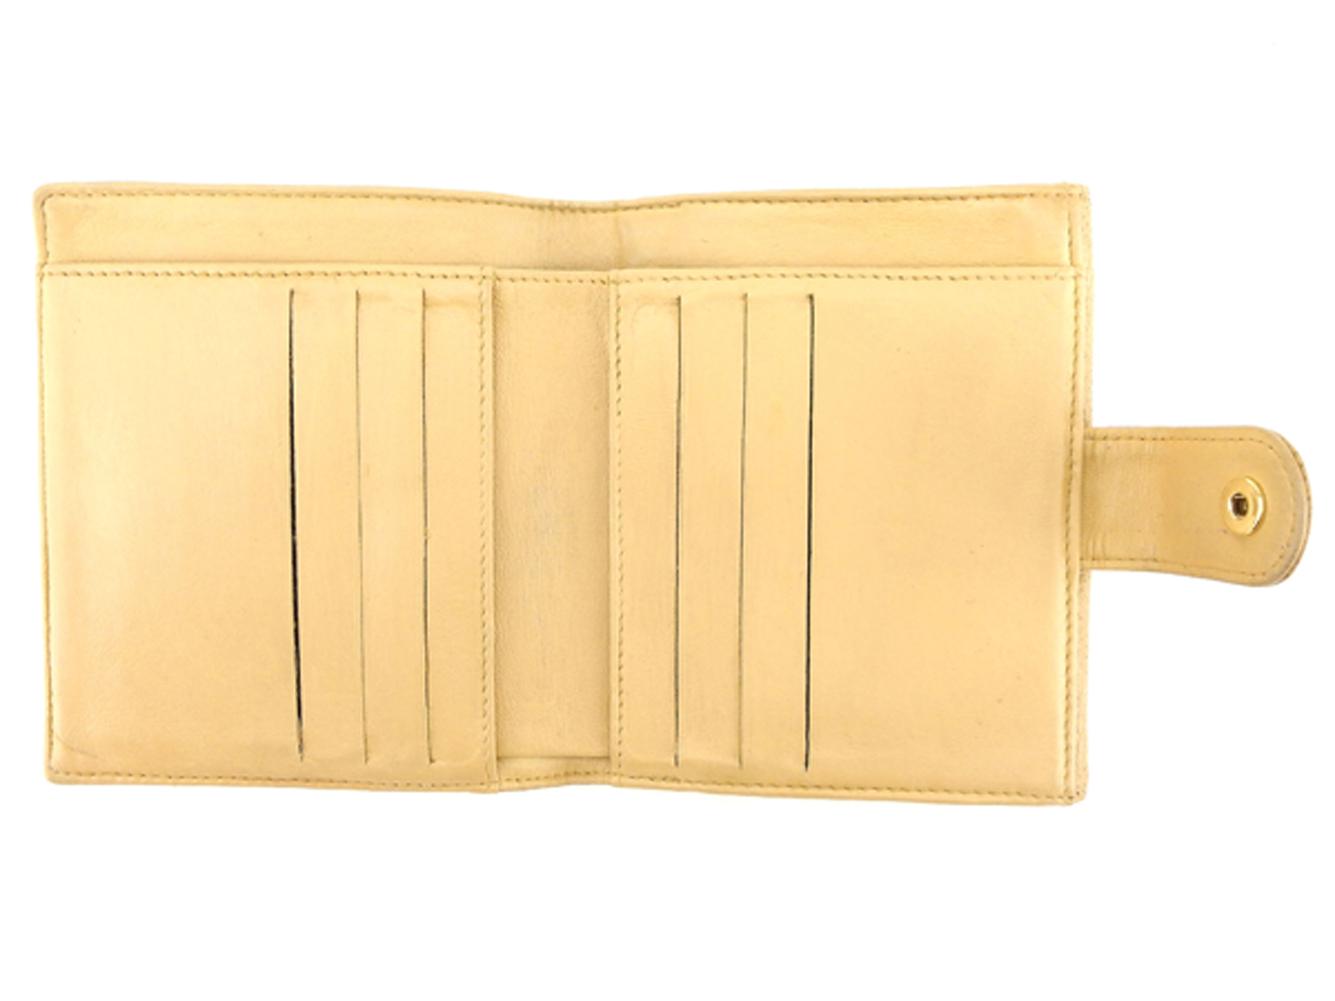 b52f6a5bf5f6 ... キャビアスキン レディース【】 T5159 【】シャネルCHANELWホック財布二つ折り ...